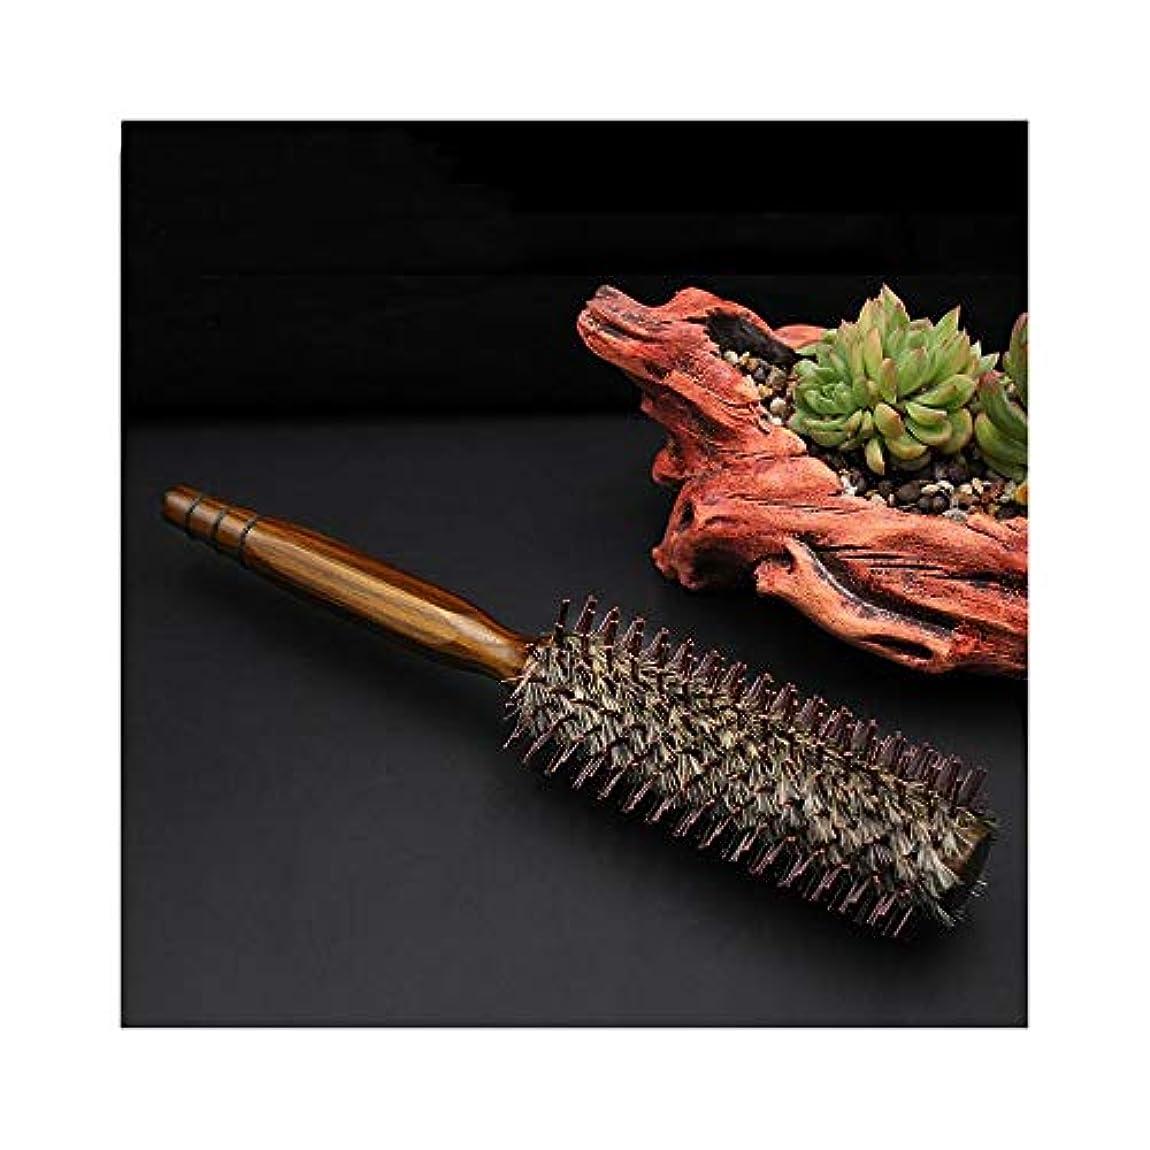 試用コーヒー一方、Fashian毛ラウンドブラシ静電気防止フェラドライヤー&カーリングウッドロールコーム髪のくし ヘアケア (サイズ : M)